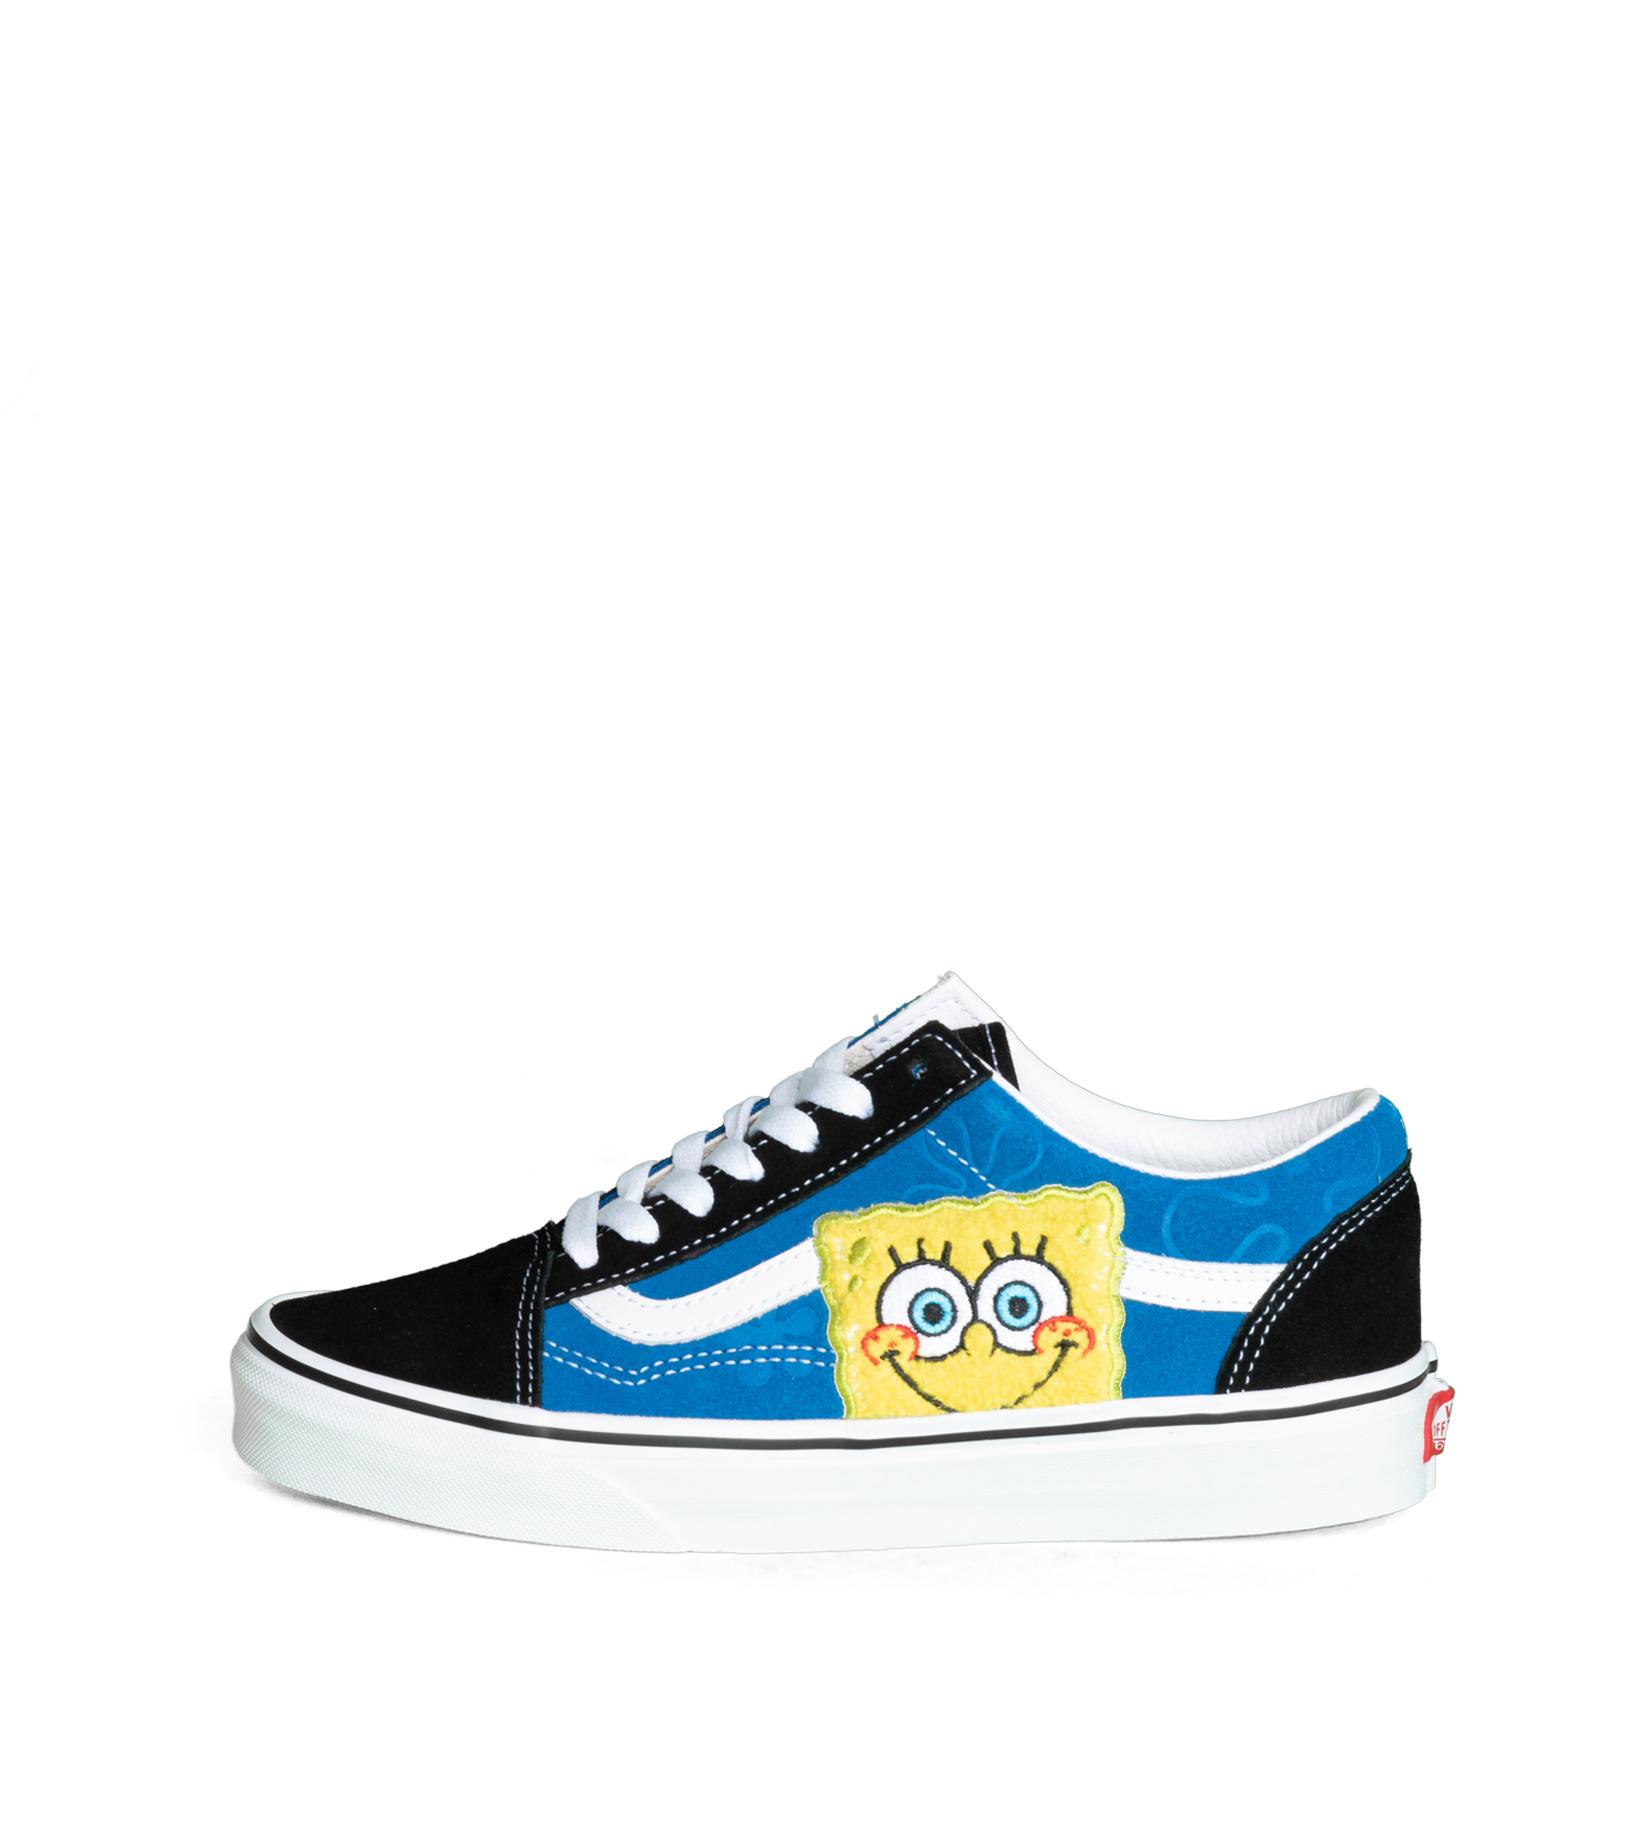 """Old Skool x Spongebob """"Black/Blue""""-3"""